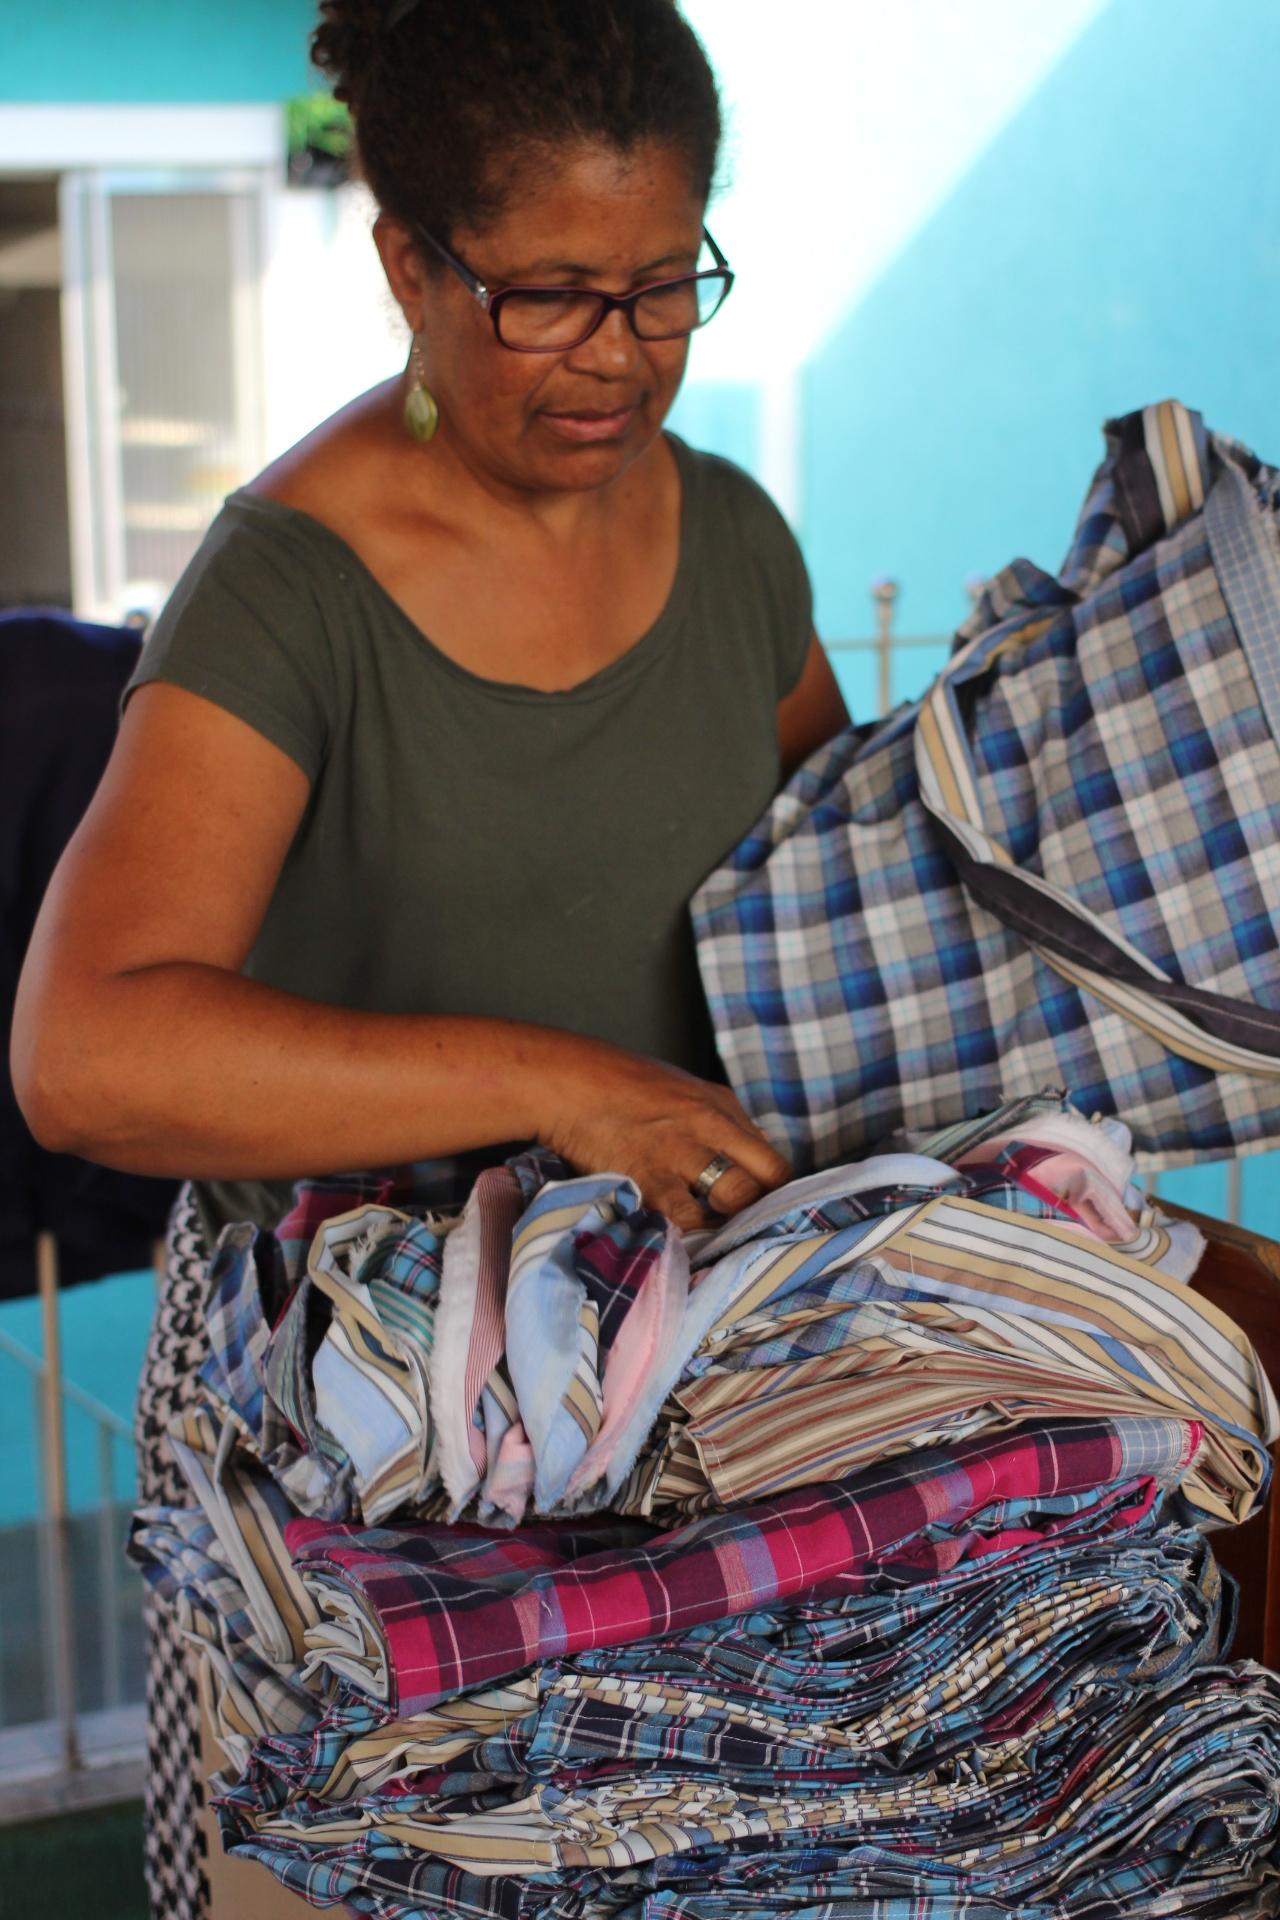 Cheia de apreço pela qualidade, Dona Lúcia lidera um dos grupos de economia solidária que receberam a missão de costurar cada uma das ecobags